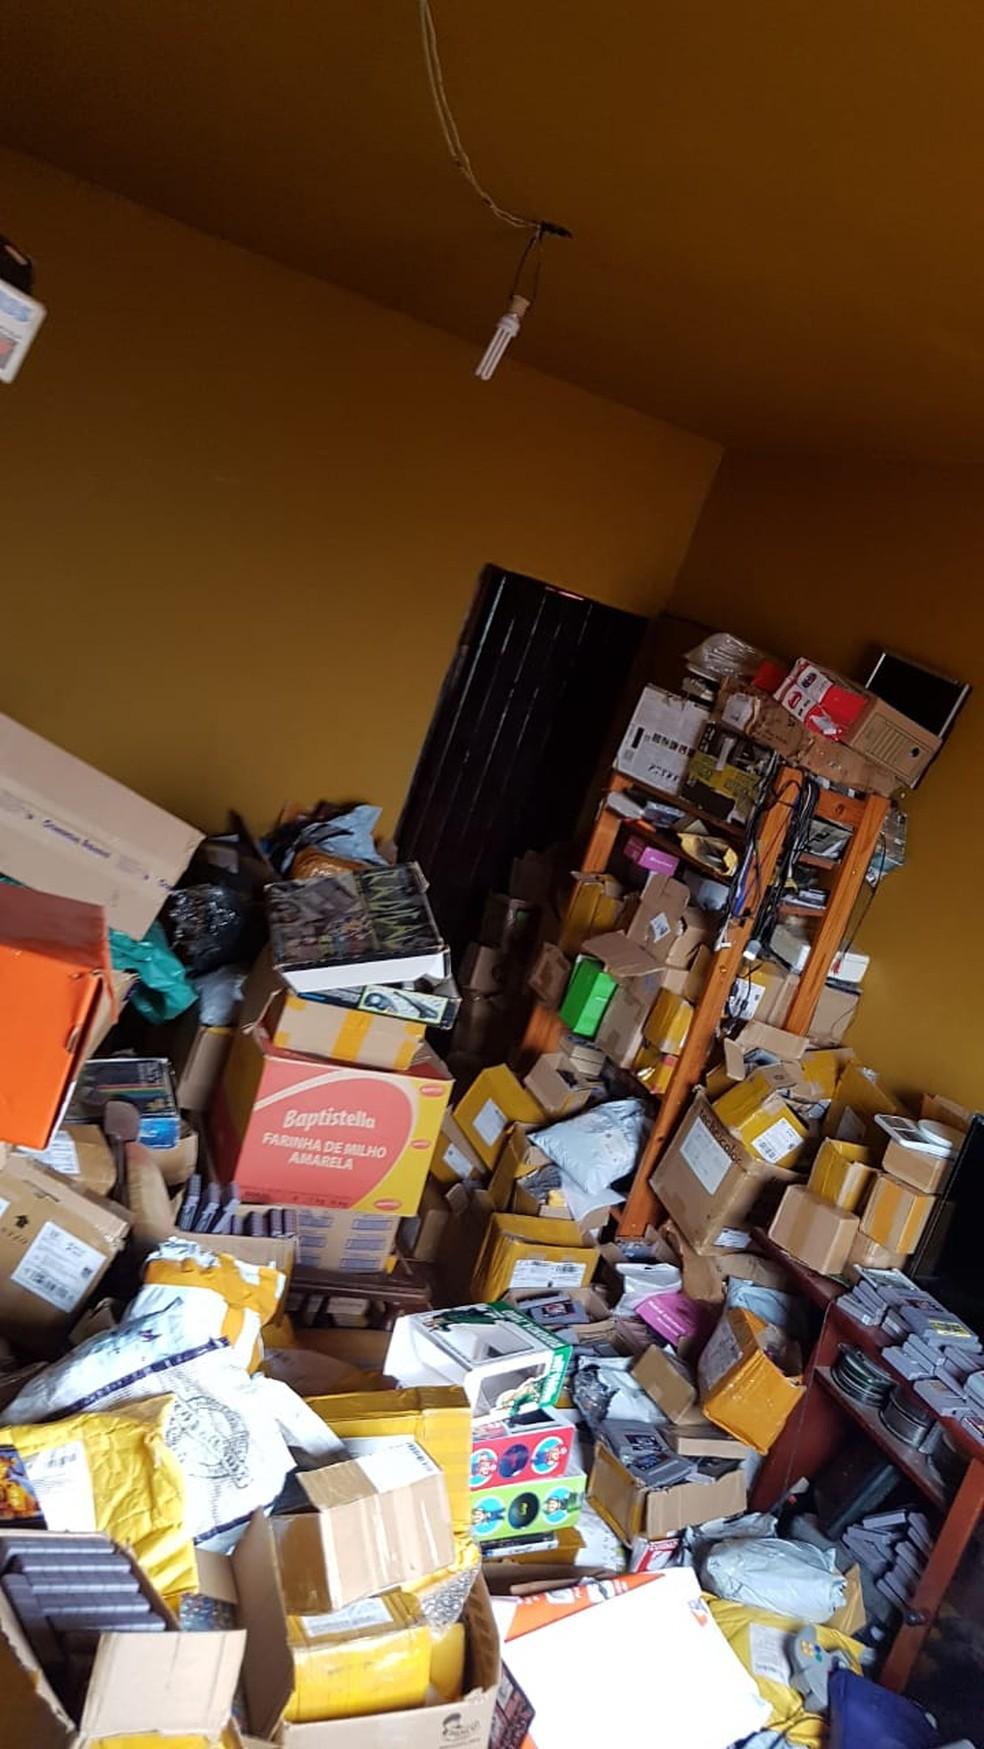 Operação da Polícia Federal apreende produtos contrabandeados em Santa Branca.  — Foto: Divulgação/ Polícia Federal